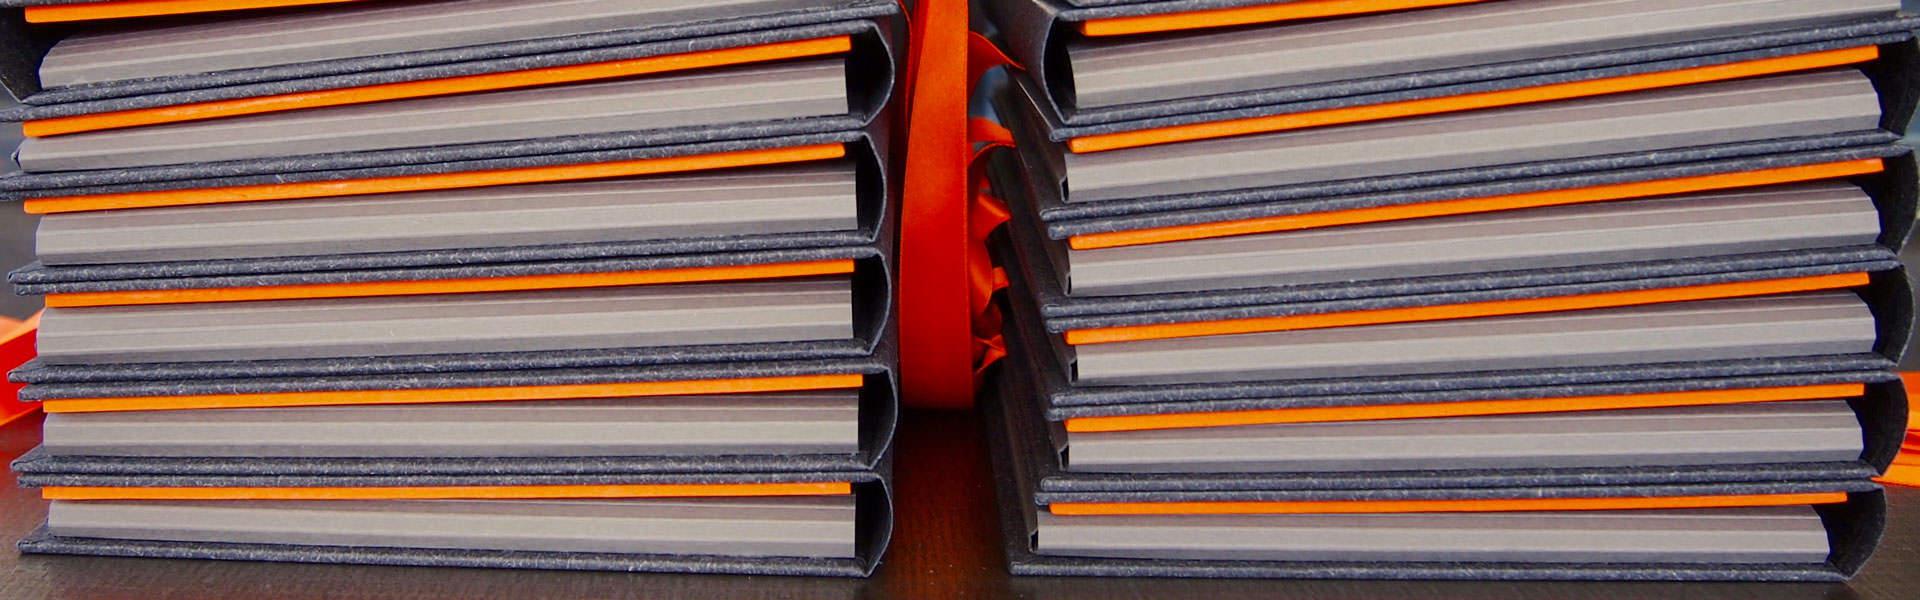 Mappen und Ordner - Buchbinderei Papierhandwerk